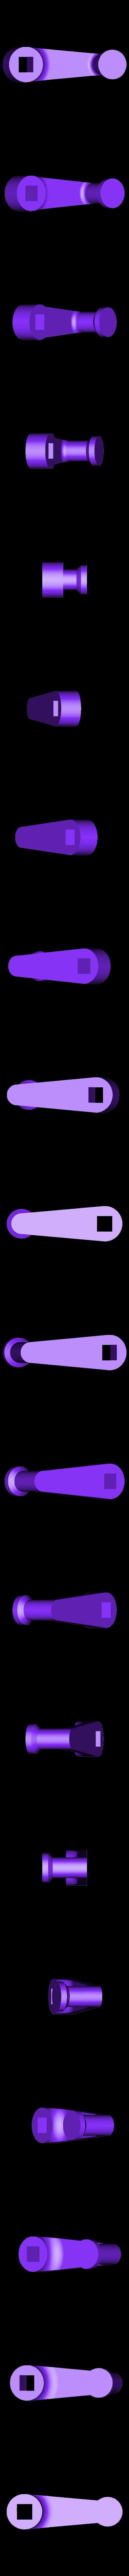 Handle.stl Télécharger fichier STL gratuit Modèle de moteur radial à 7 cylindres • Design pour imprimante 3D, MinMunchKin